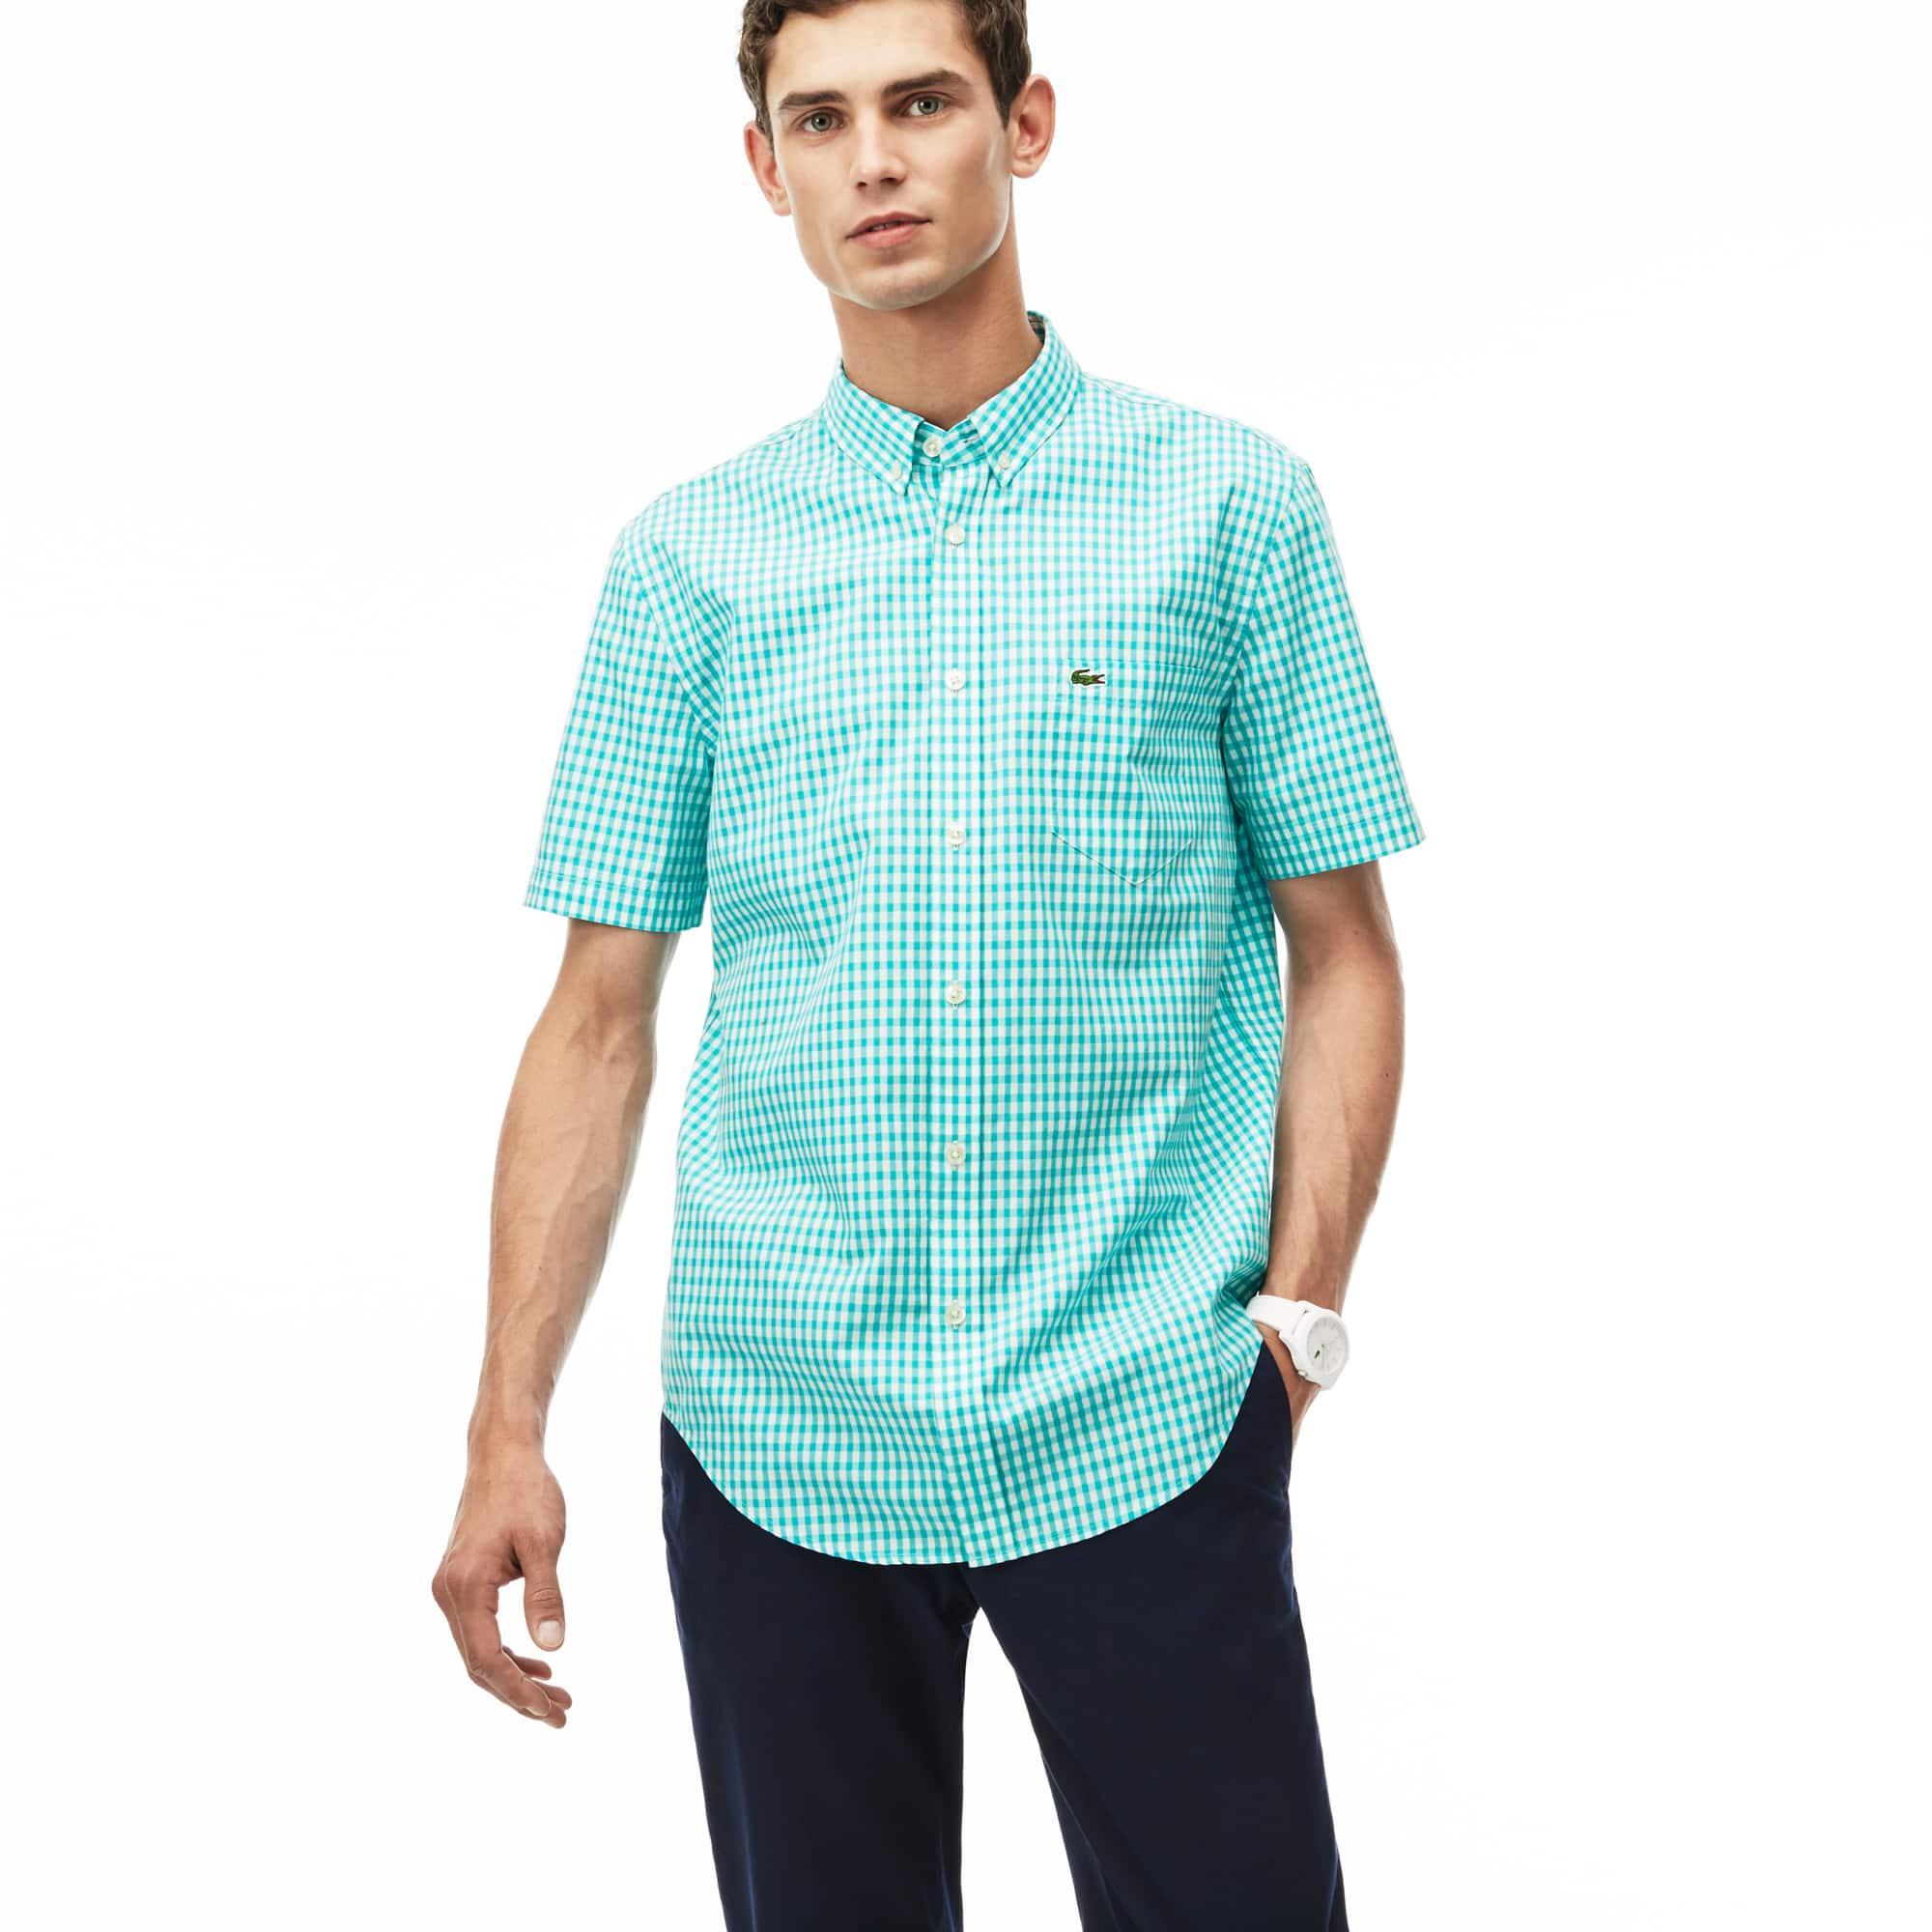 Men's Gingham Check Poplin Shirt